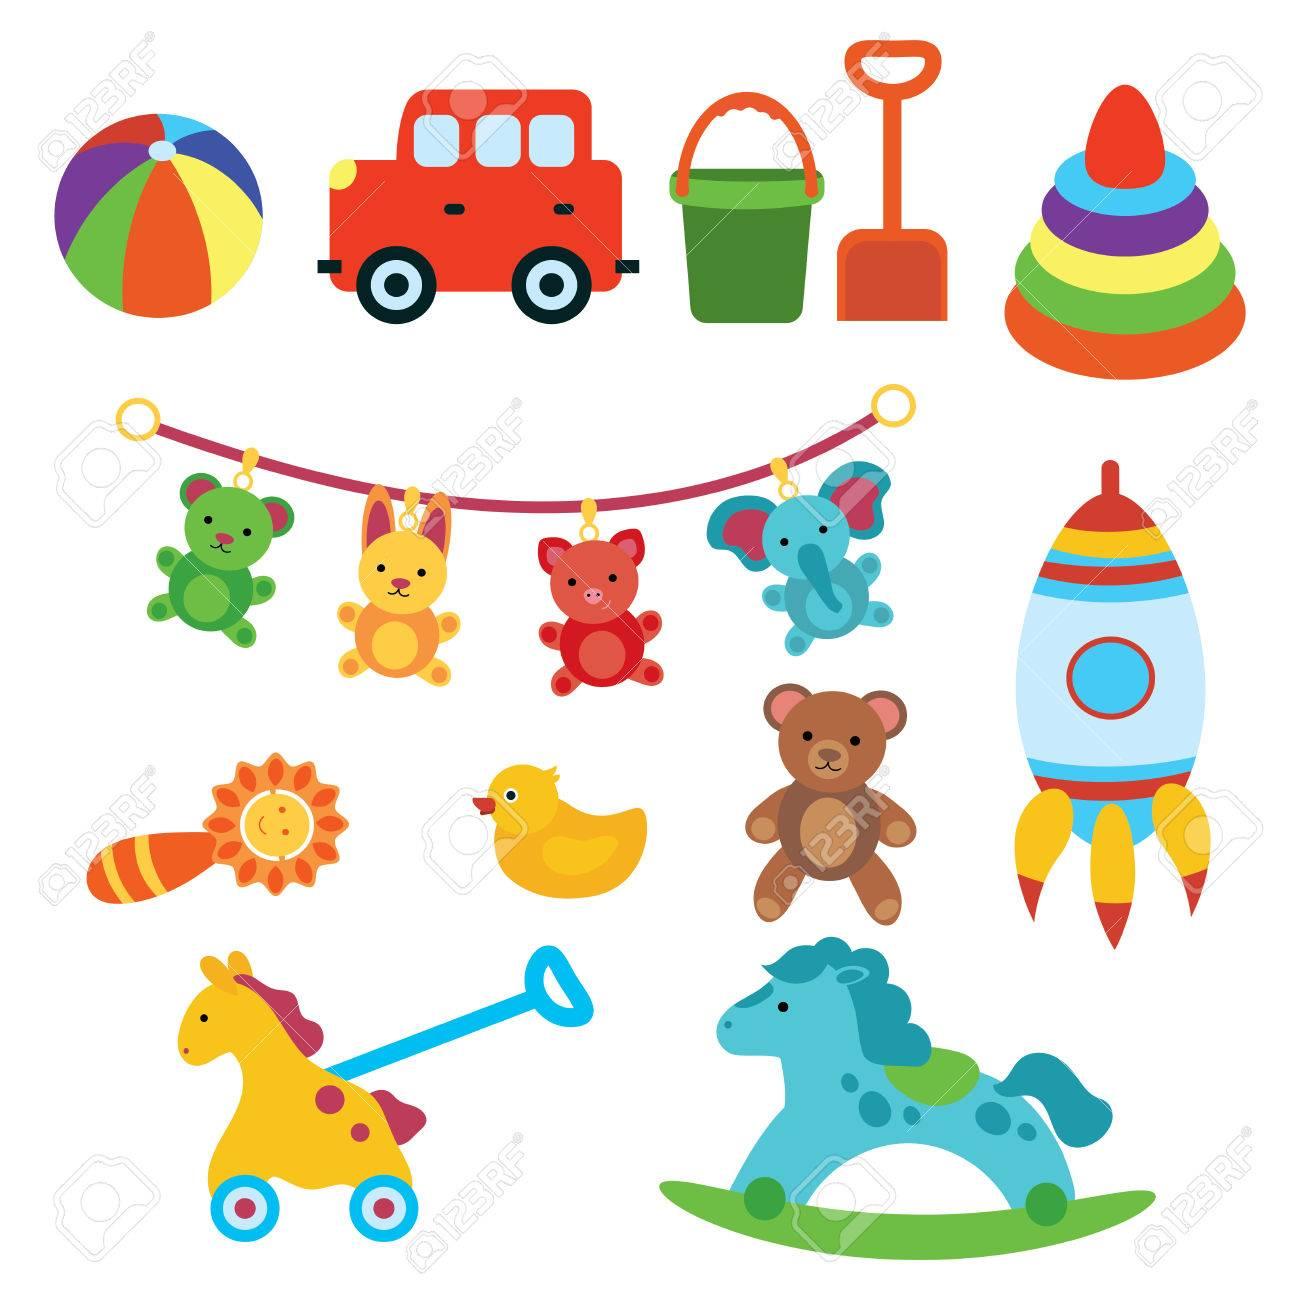 Un conjunto de juguetes para niños. Ilustración para niños. Coche de juguete. Cohete. La pelota. Dibujo de dibujos animados. Art.